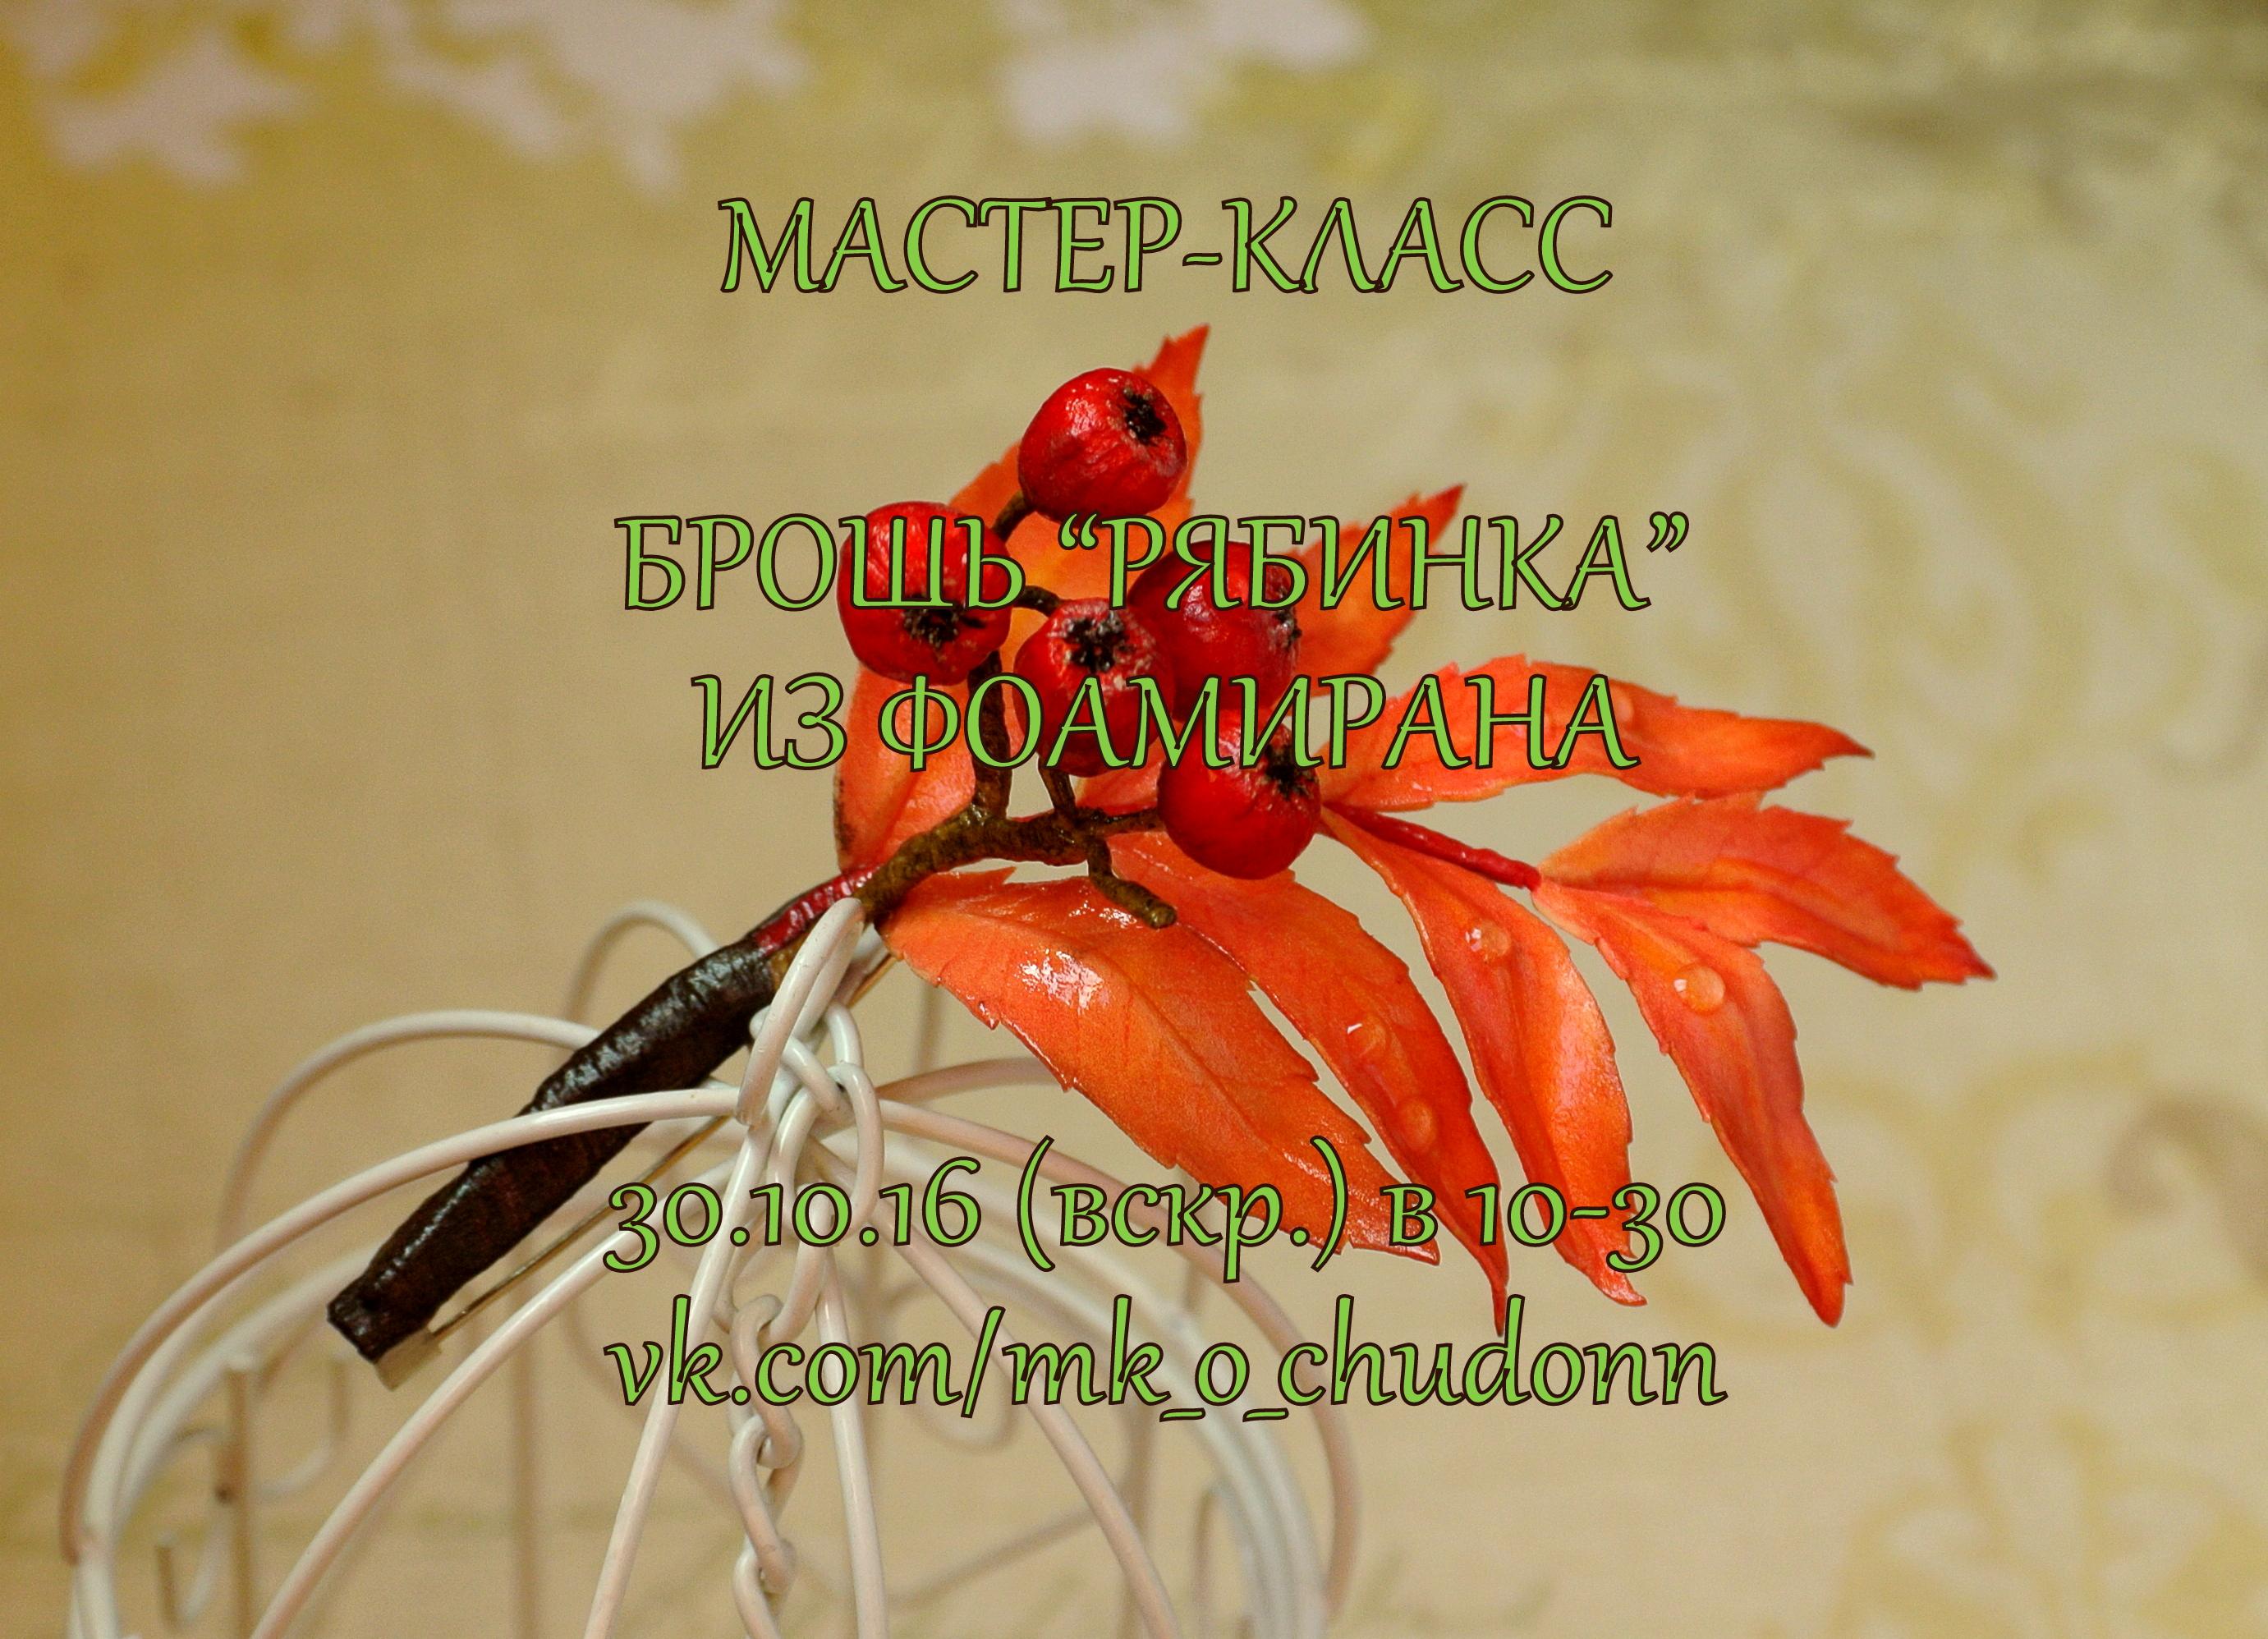 Мастер-класс Брошь-рябинка из фоамирана 30.10.16 в 10-30